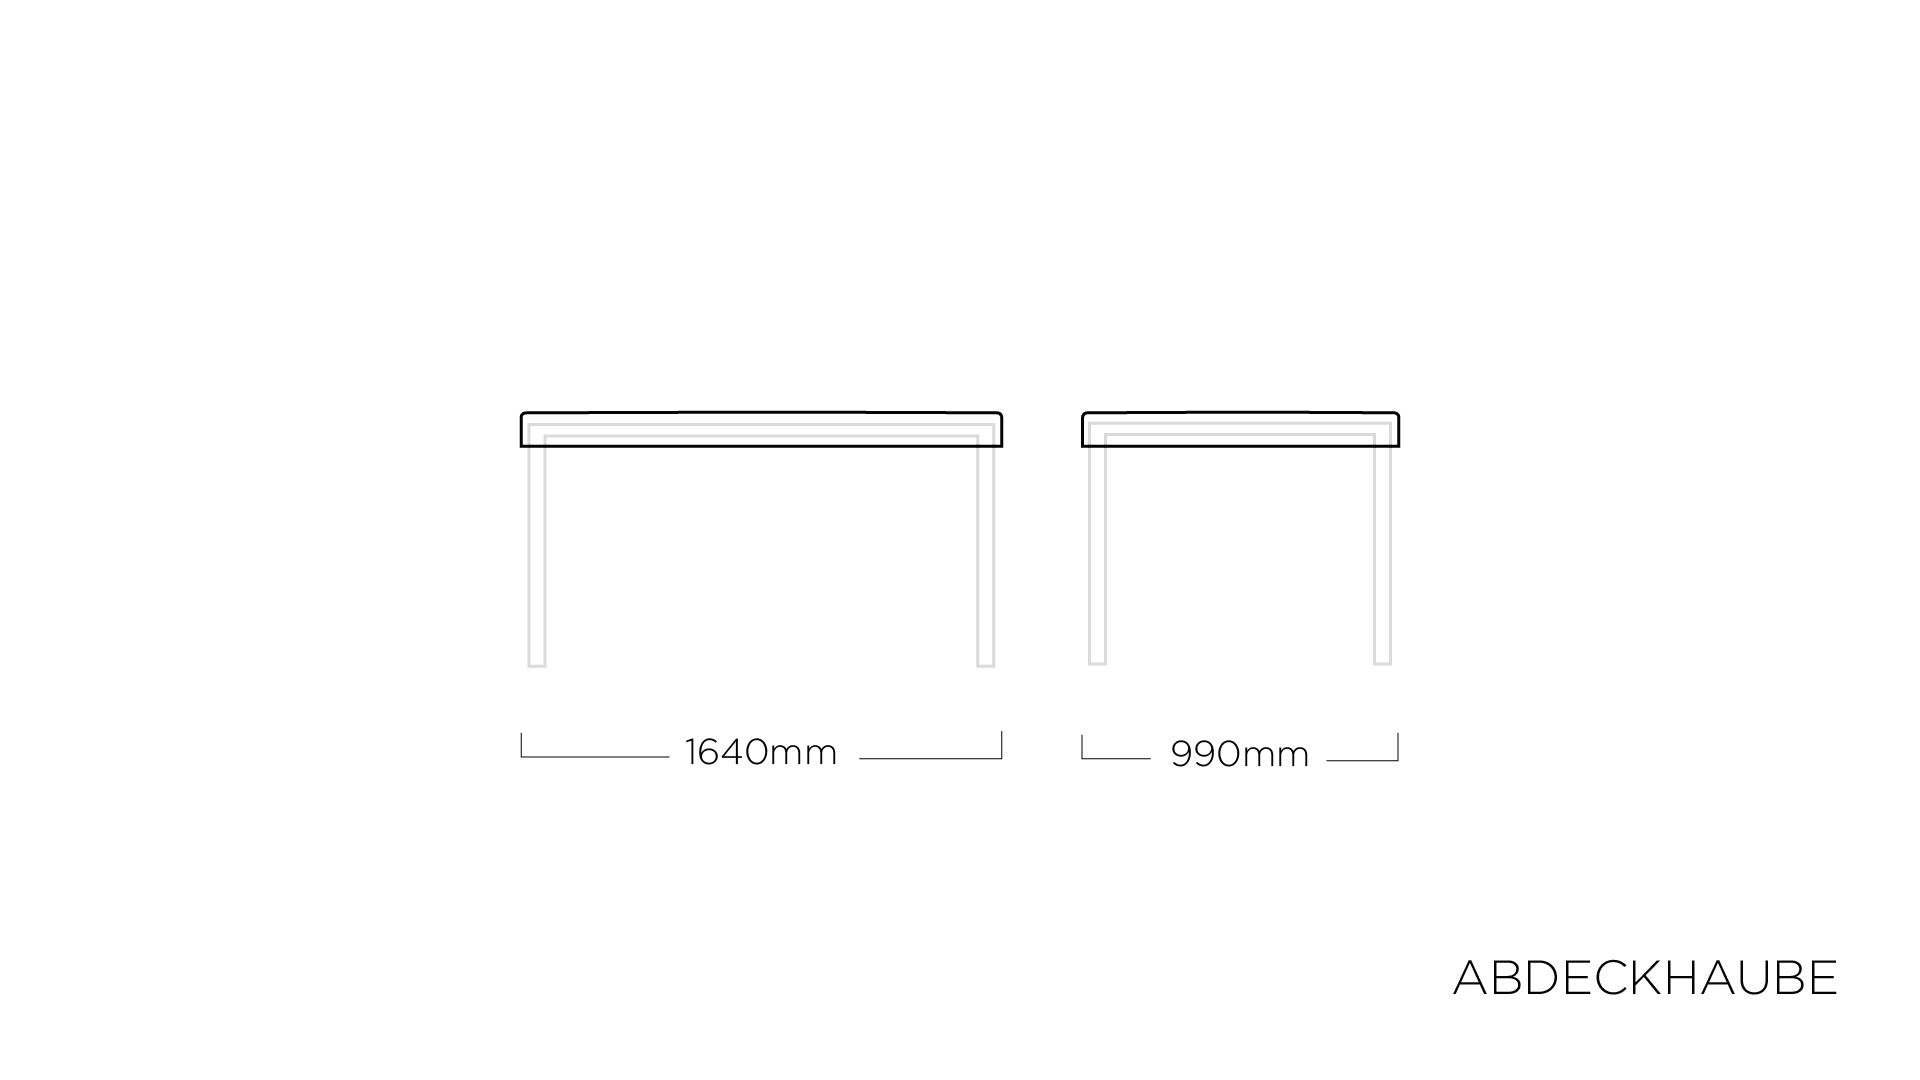 ABDECKHAUBEN für Tischplatte 160 x 95 cm